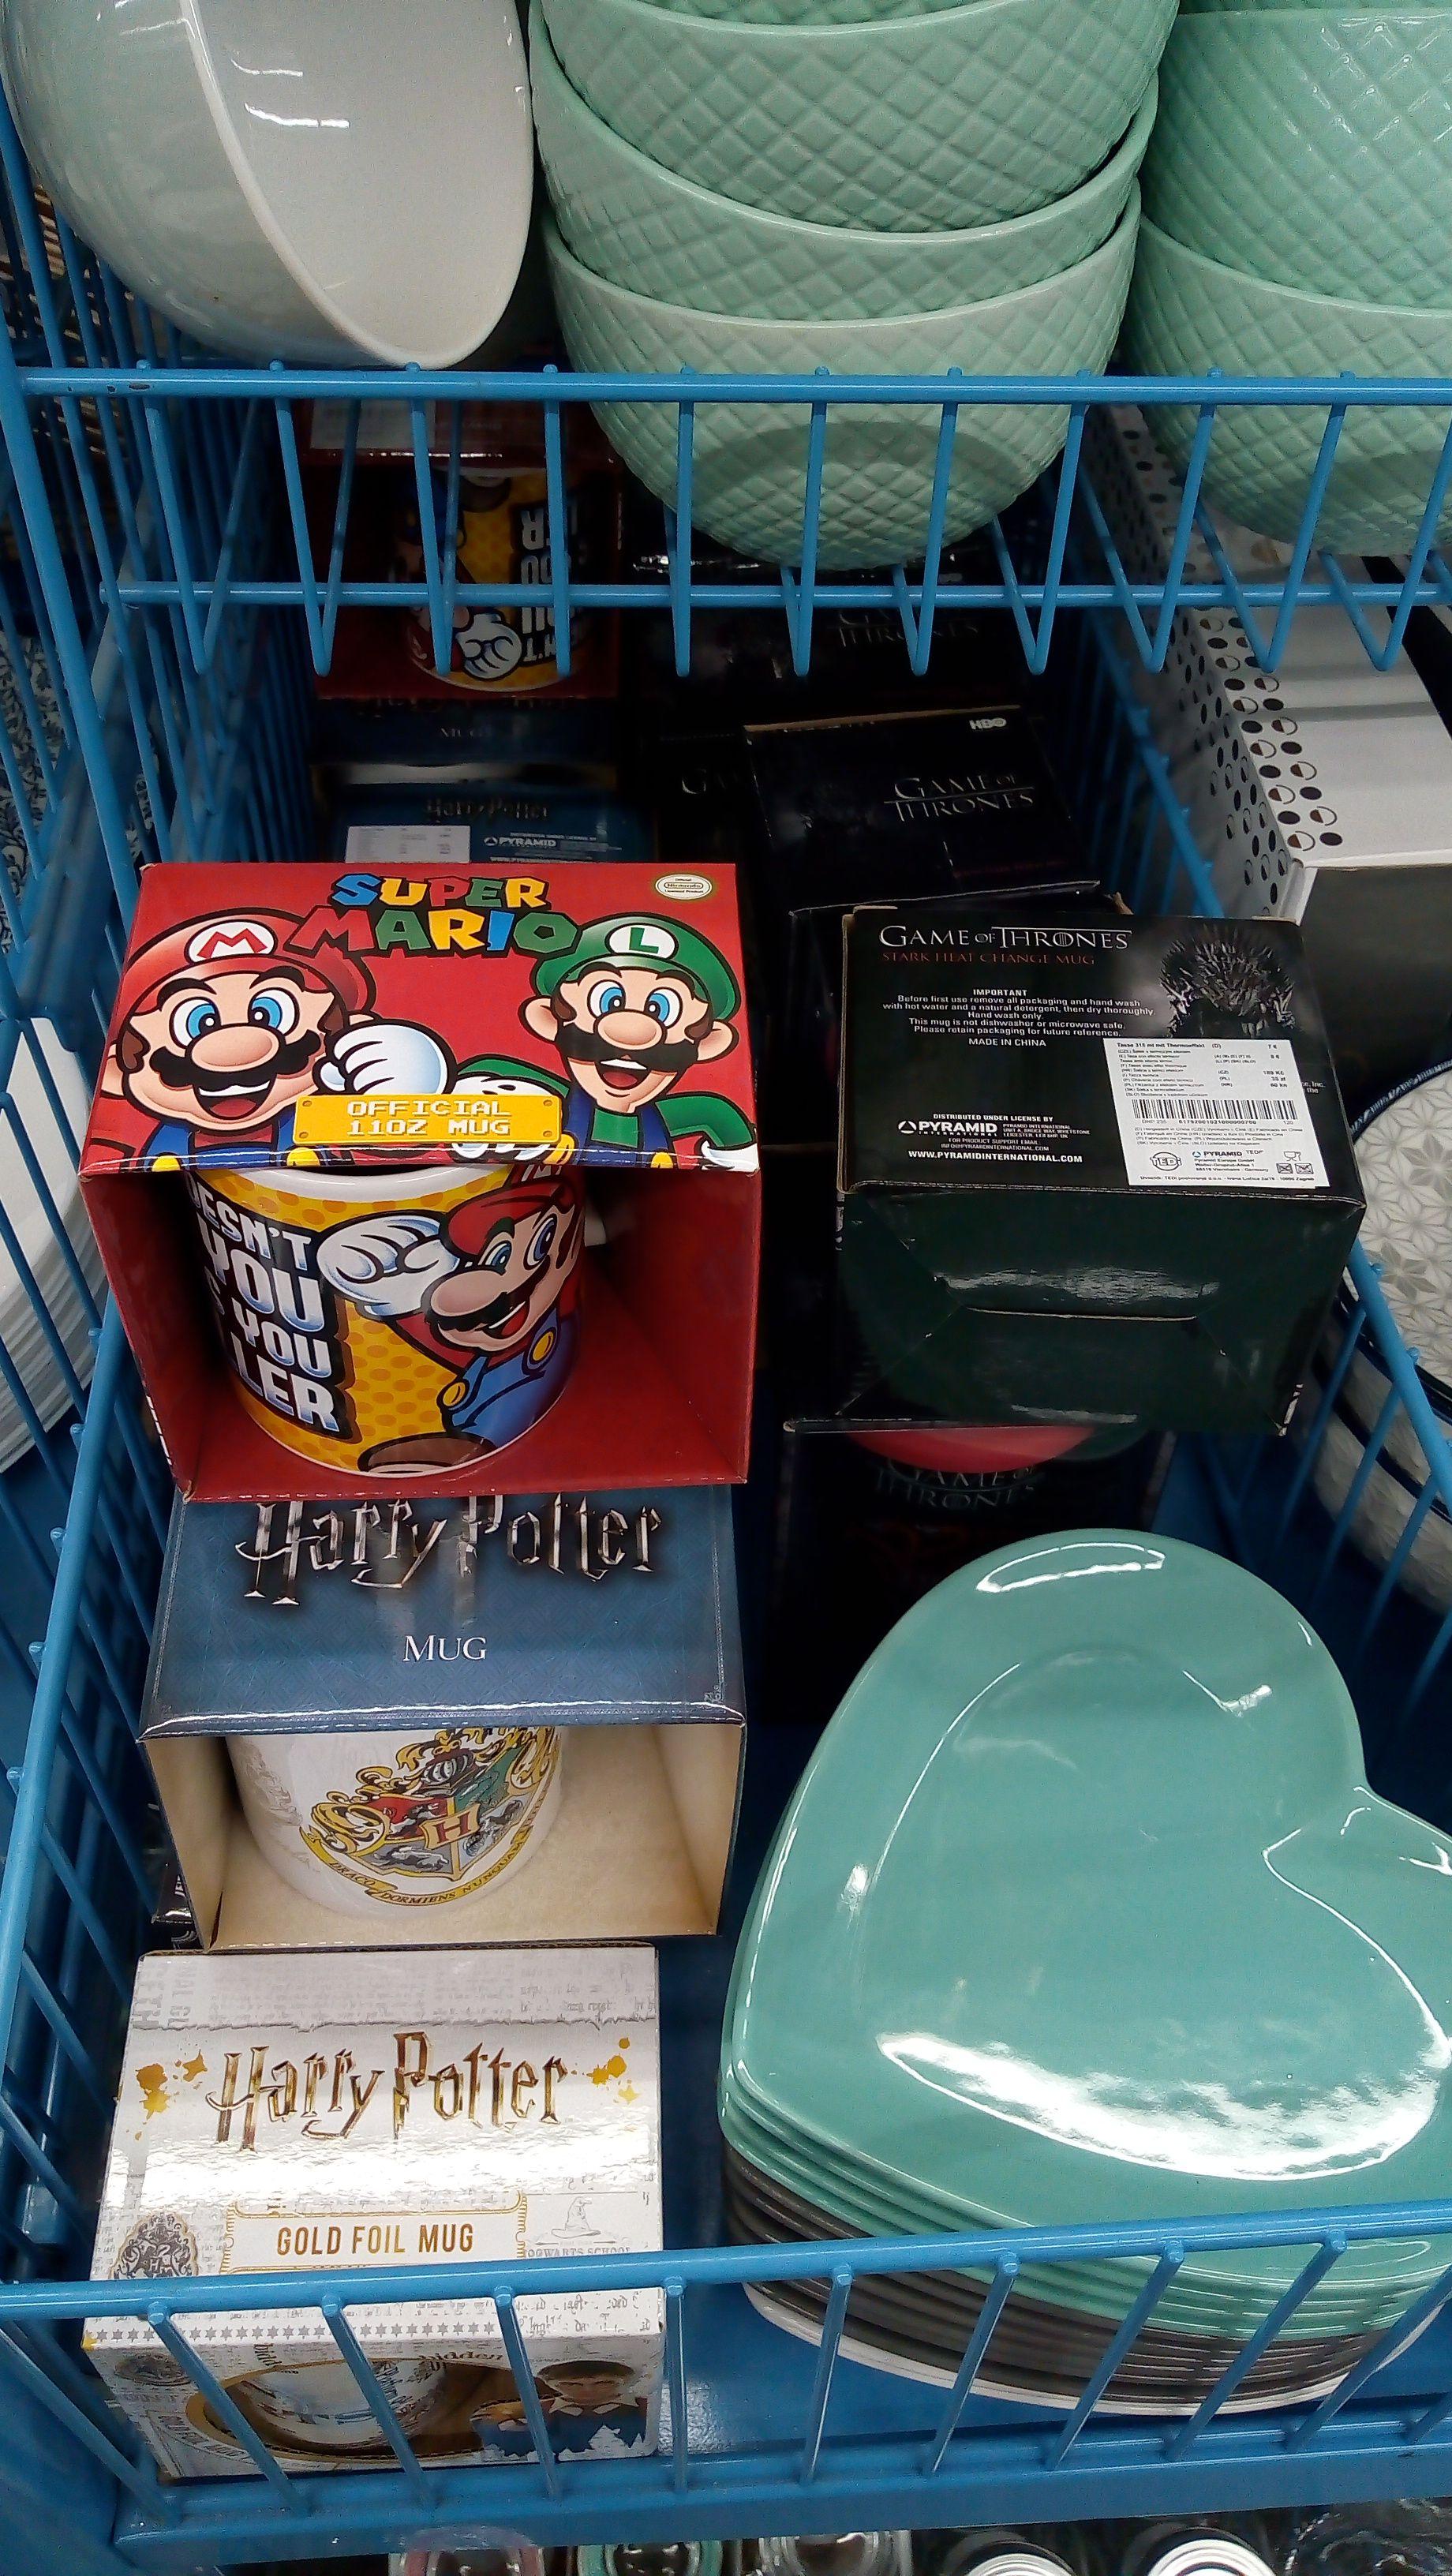 [Tedi] Verschiedene Tassen mit Super Mario, Harry Potter oder Game of Trones